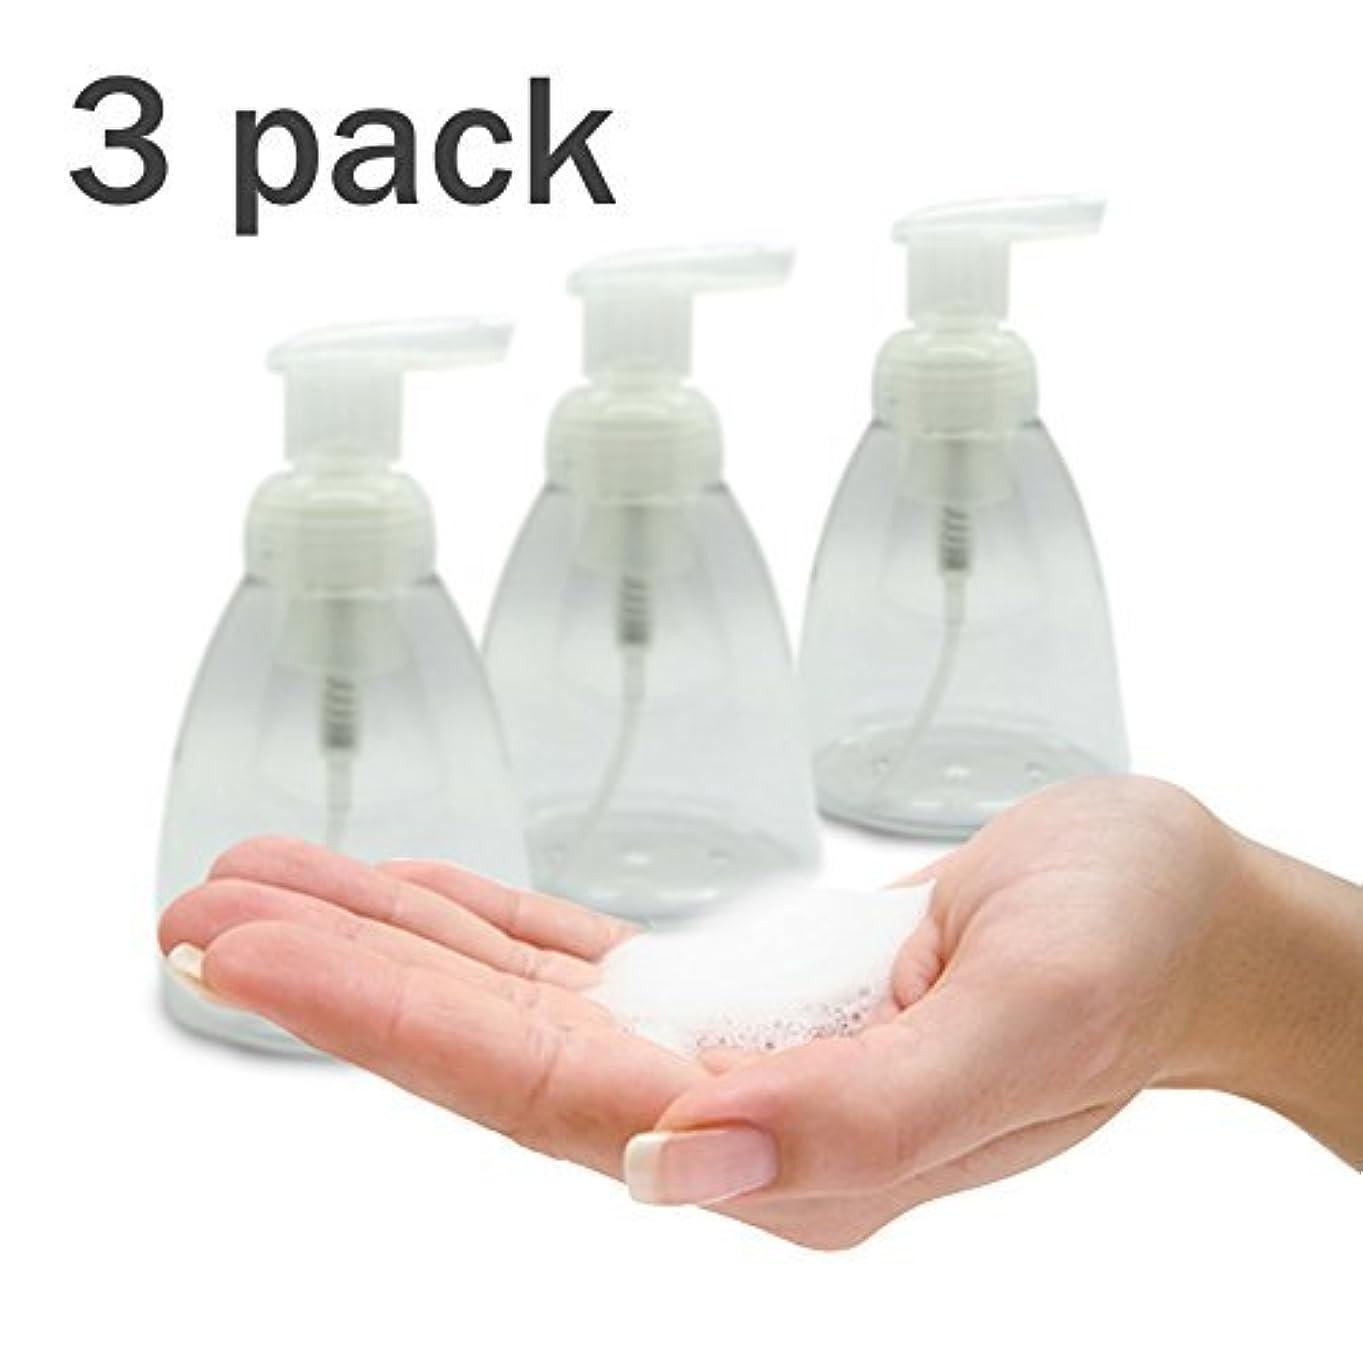 祖先パドル間違いなくFoaming Soap Dispenser Set of 3 pack 300ml (10 oz) Empty Bottles Hand Soap Liquid Containers. Save Money! Less...